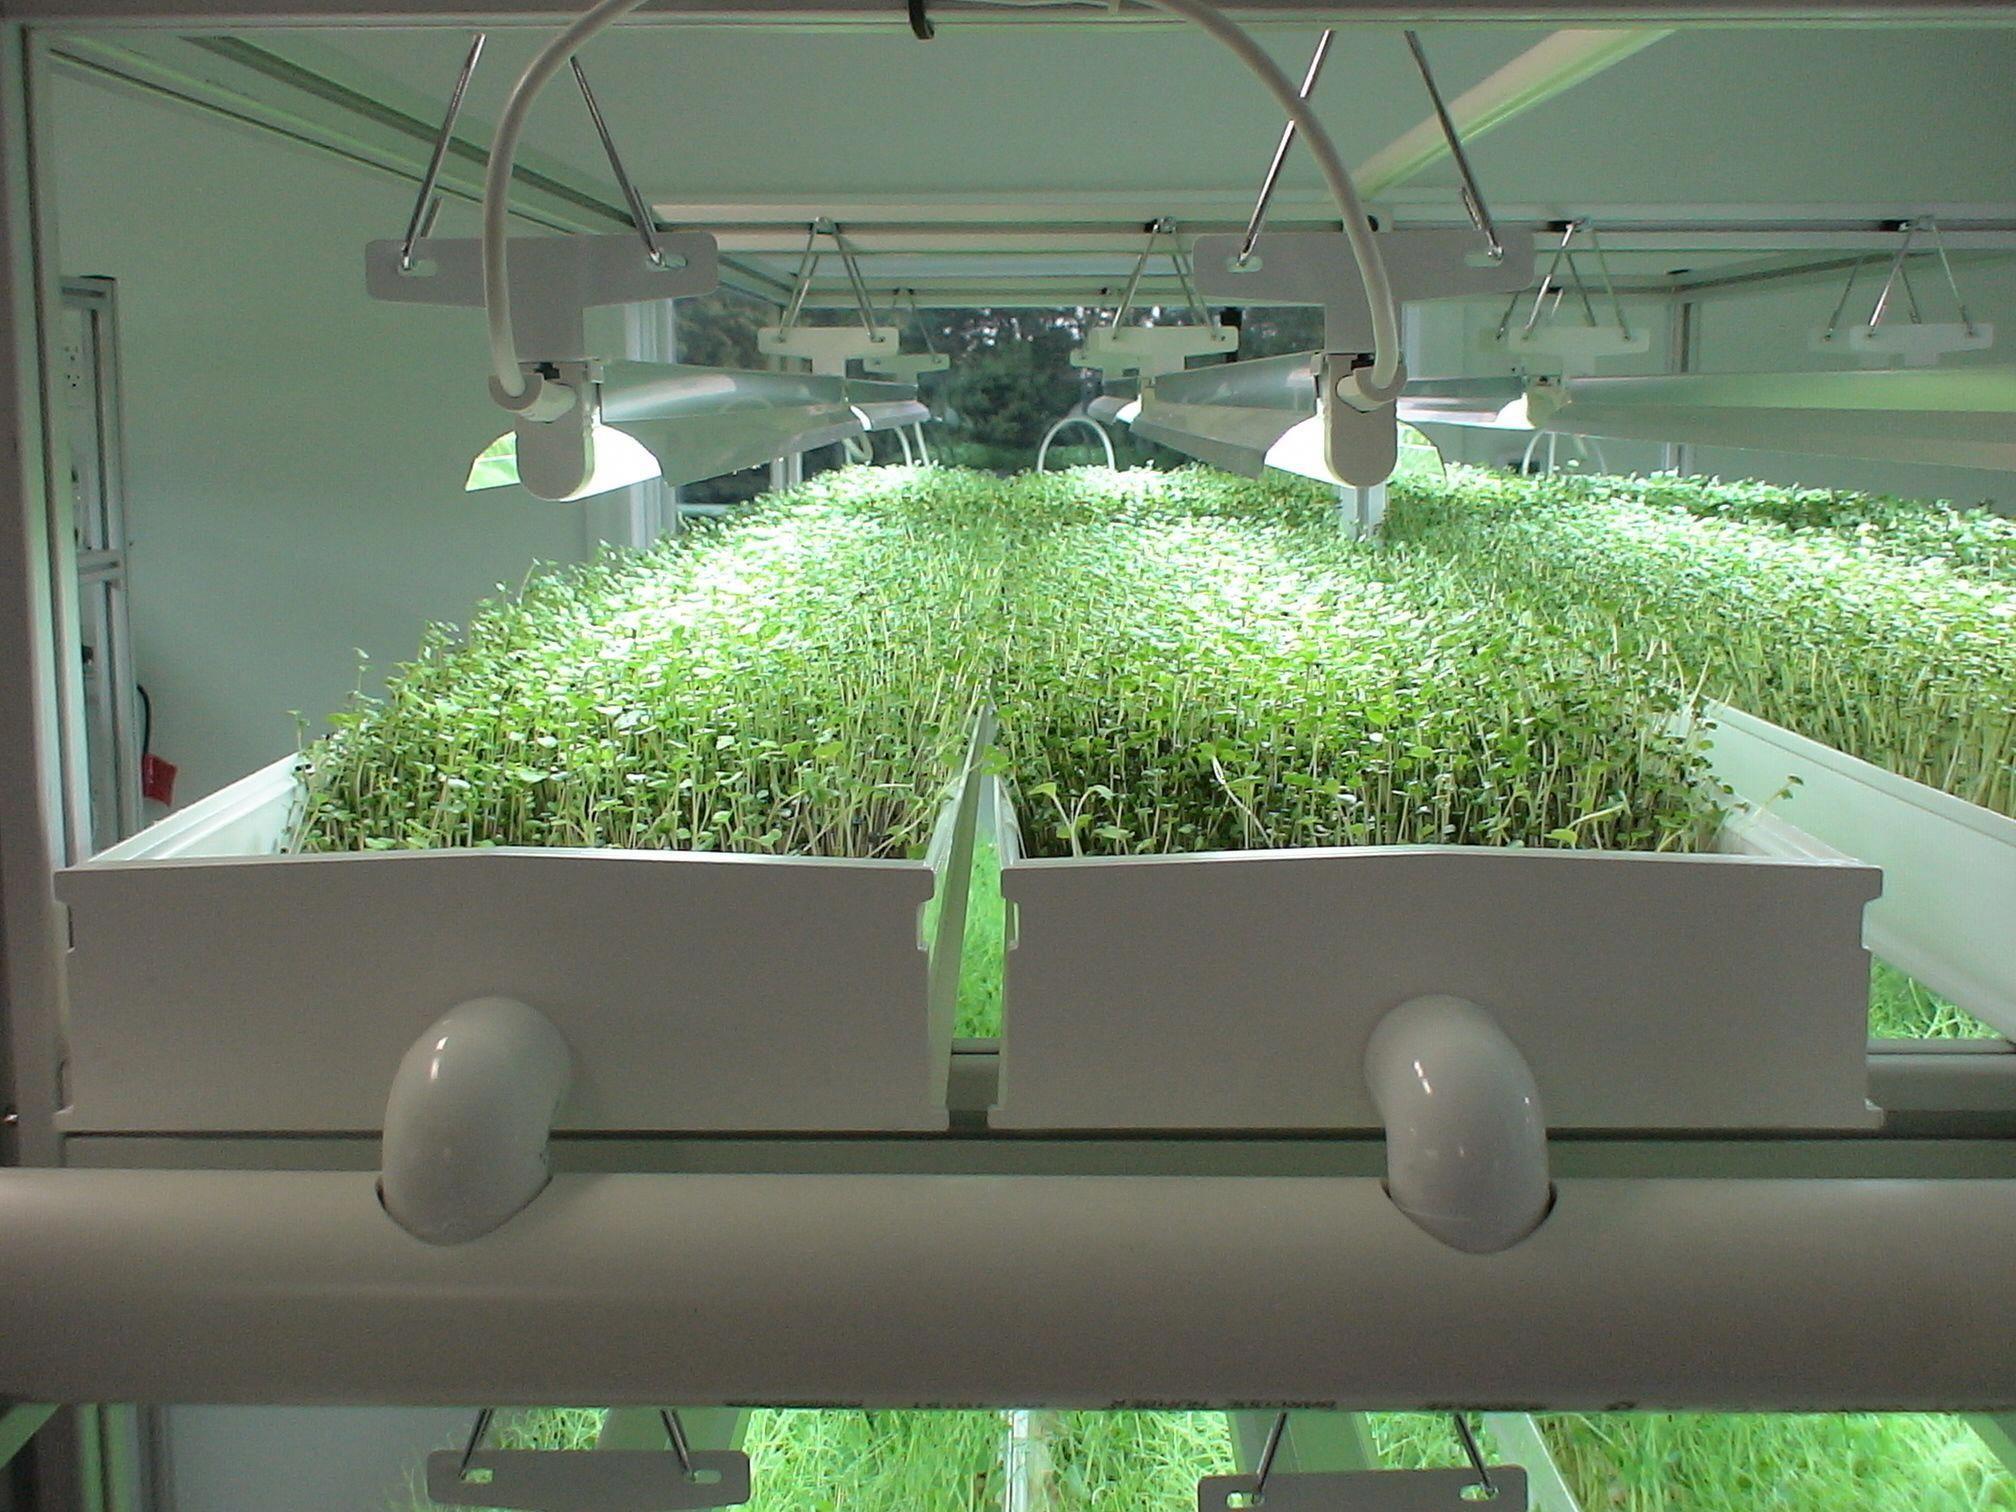 Экологически чистые интеллектуальные фермы на основе рециркуляции питательных растворов